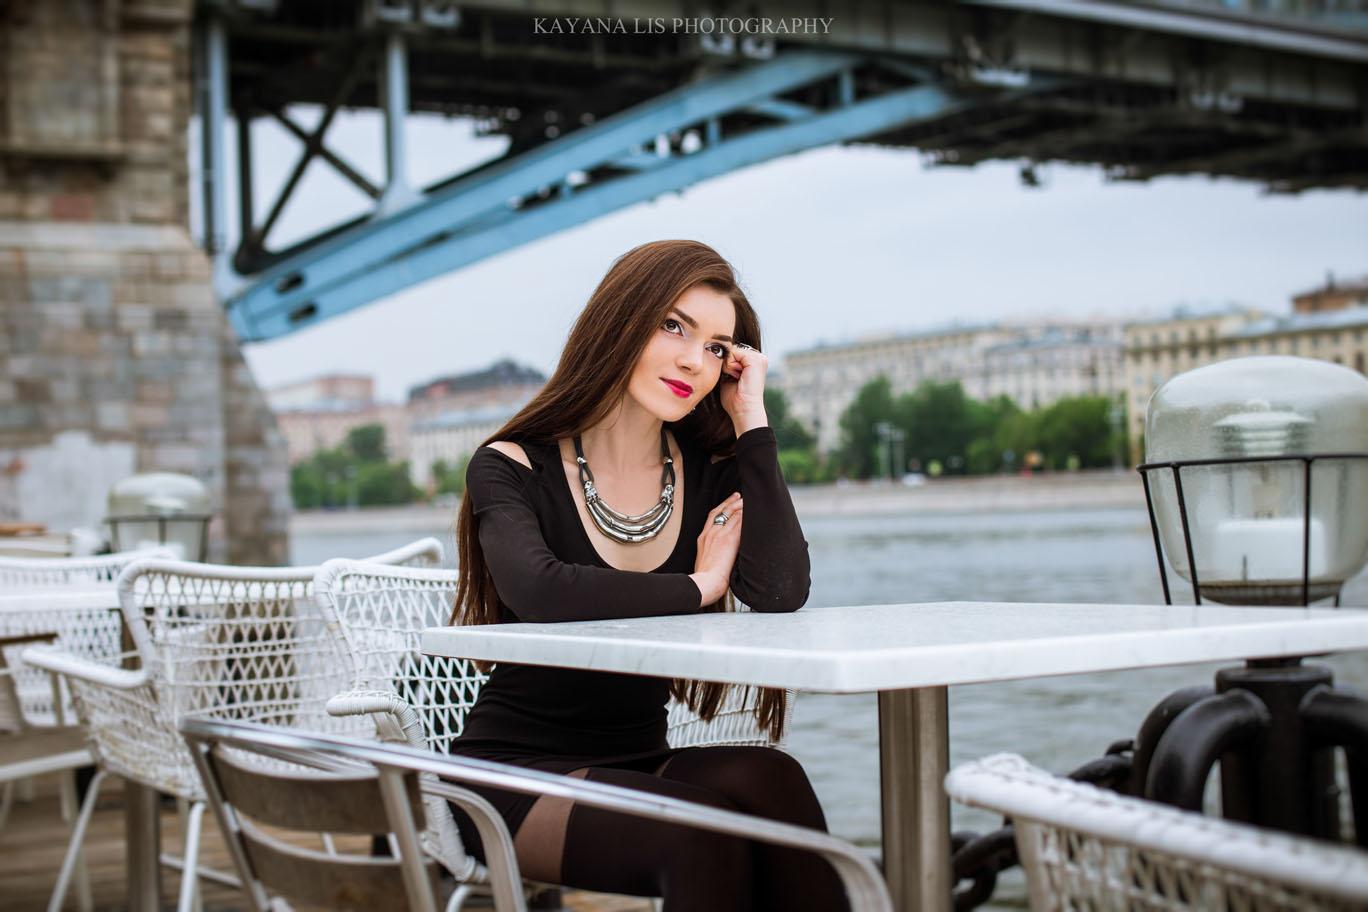 Марианна Vesssna Лукьянова. Фотограф - Каяна Лис. Май 2016.